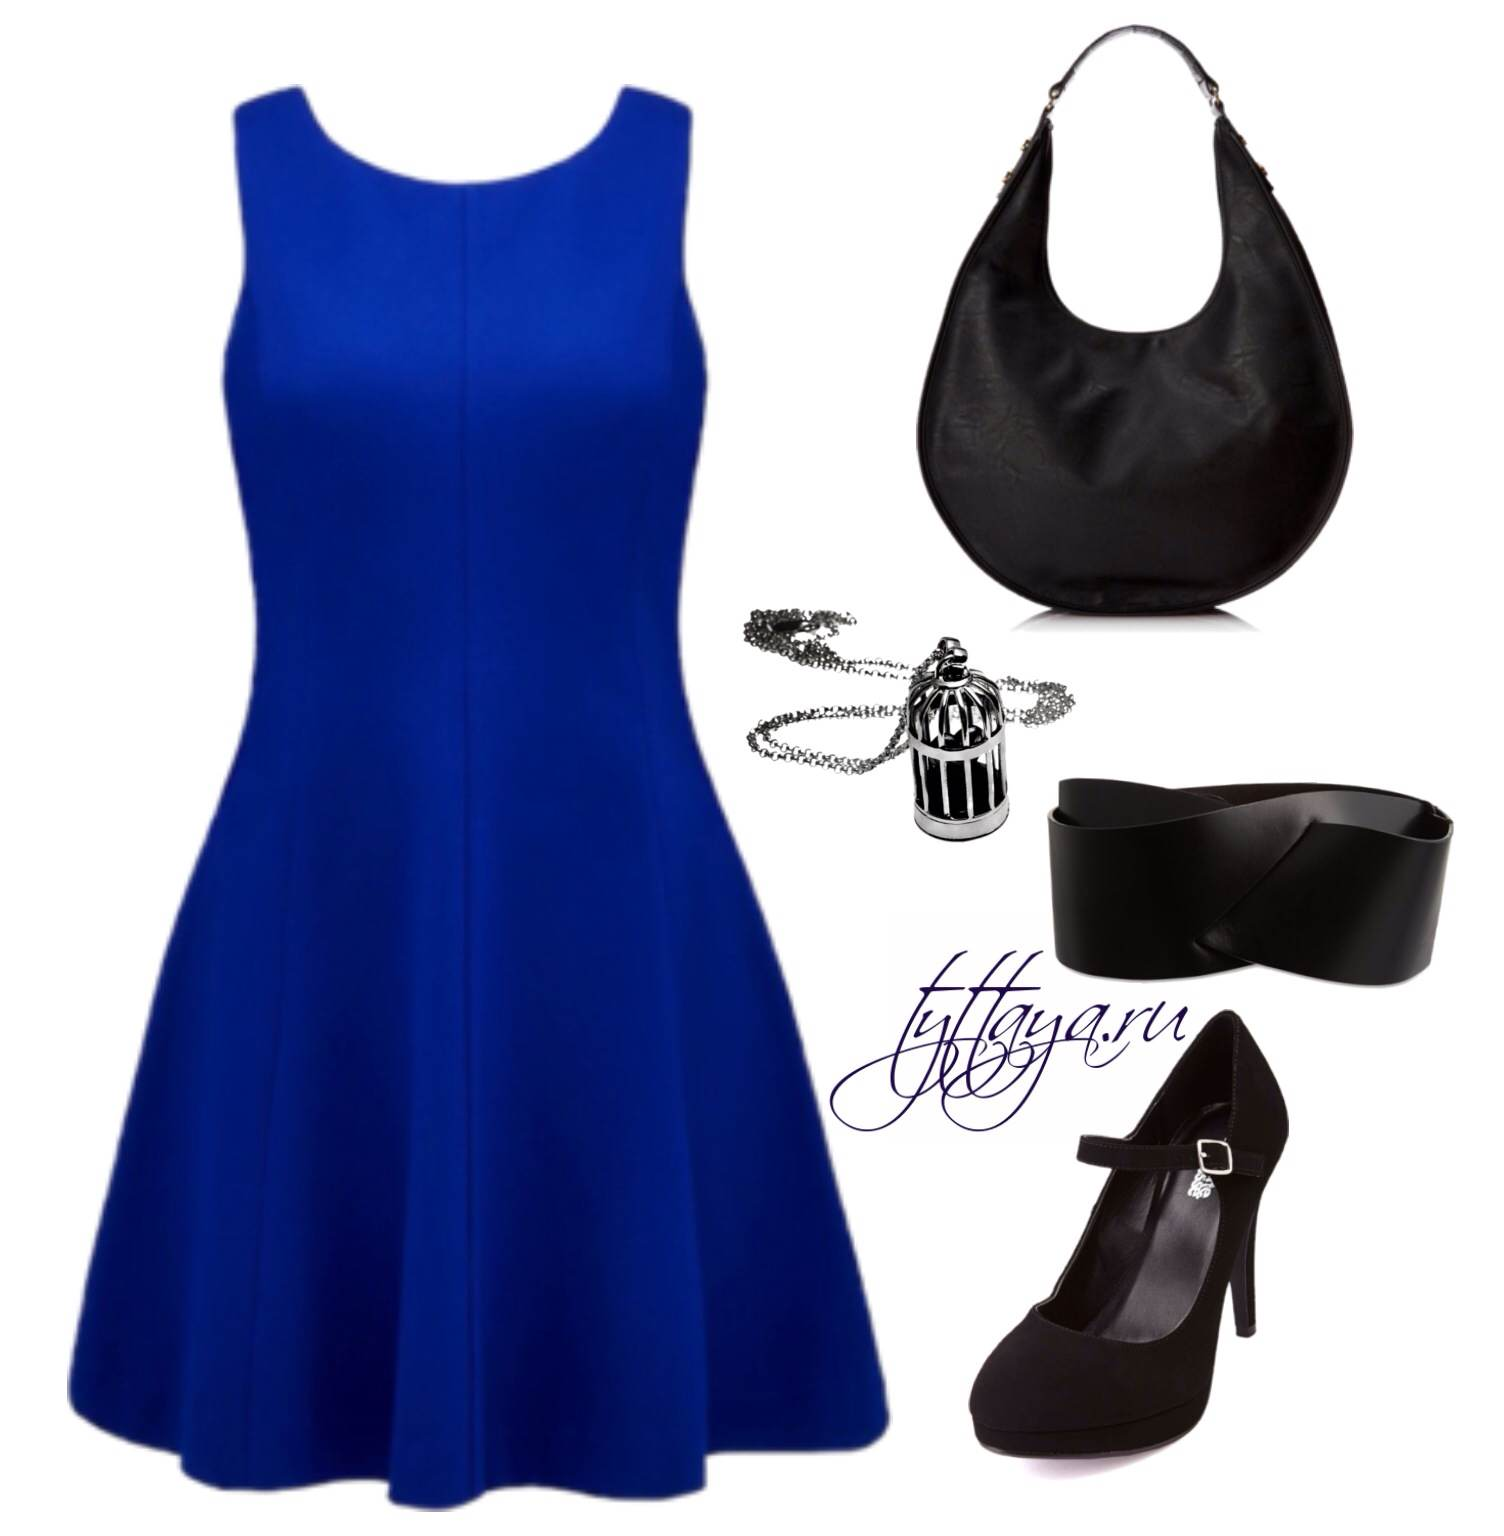 Голубое платье и туфли к нему